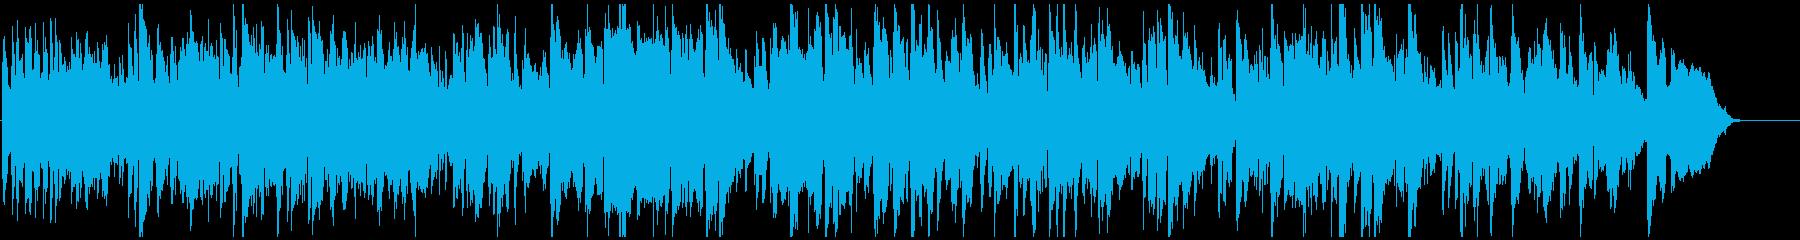 爽快エキサイティングなジャズ ※60秒版の再生済みの波形